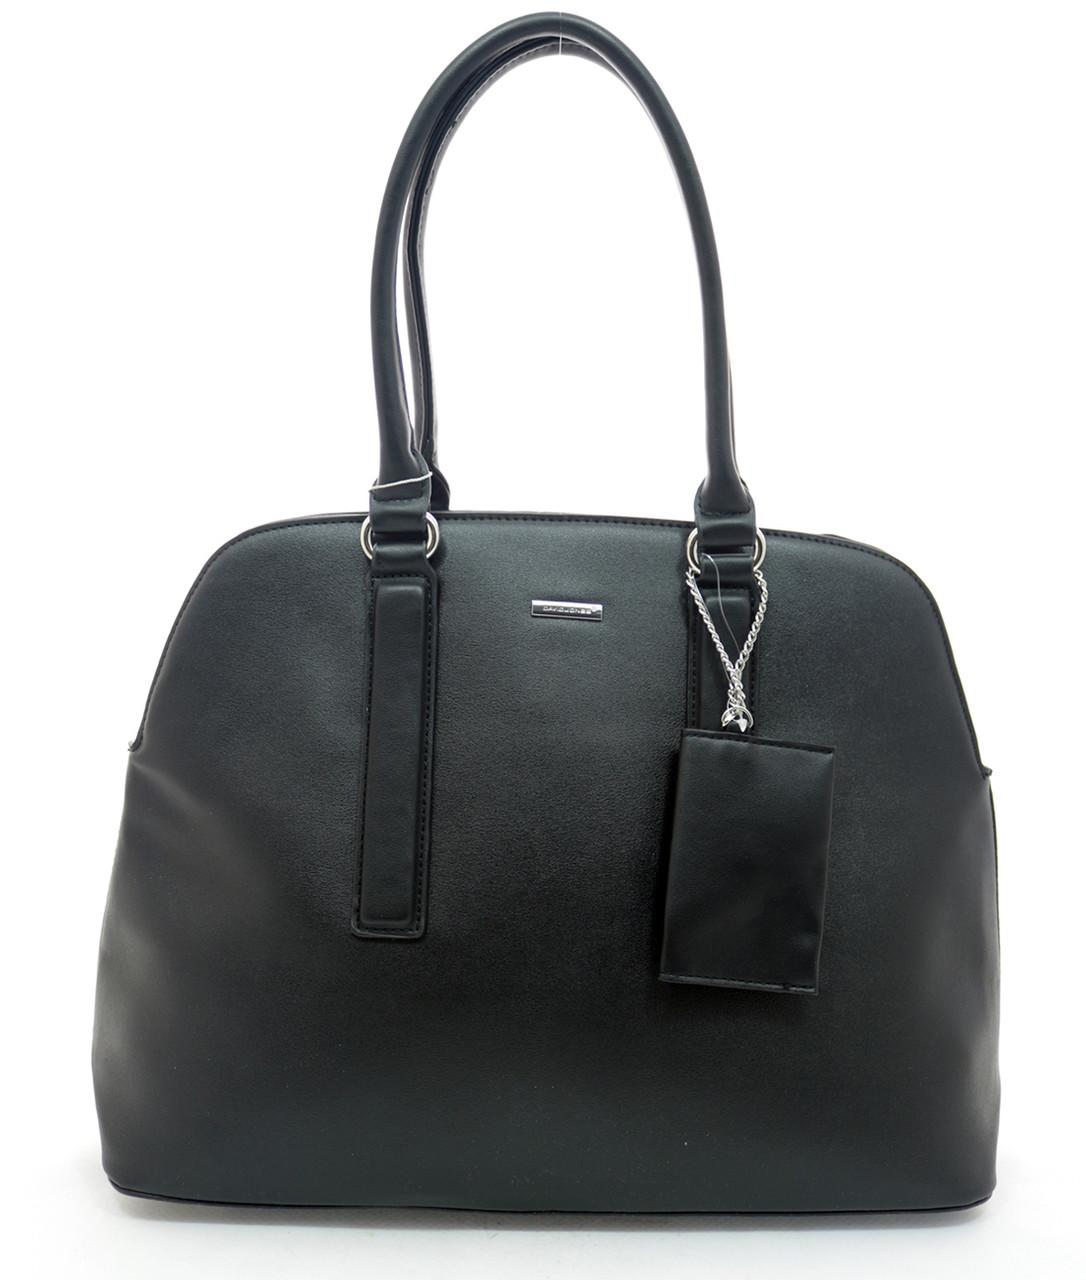 Женска сумка David Jones 27 x 43 x 13 см Черный (dj6104-1/1)